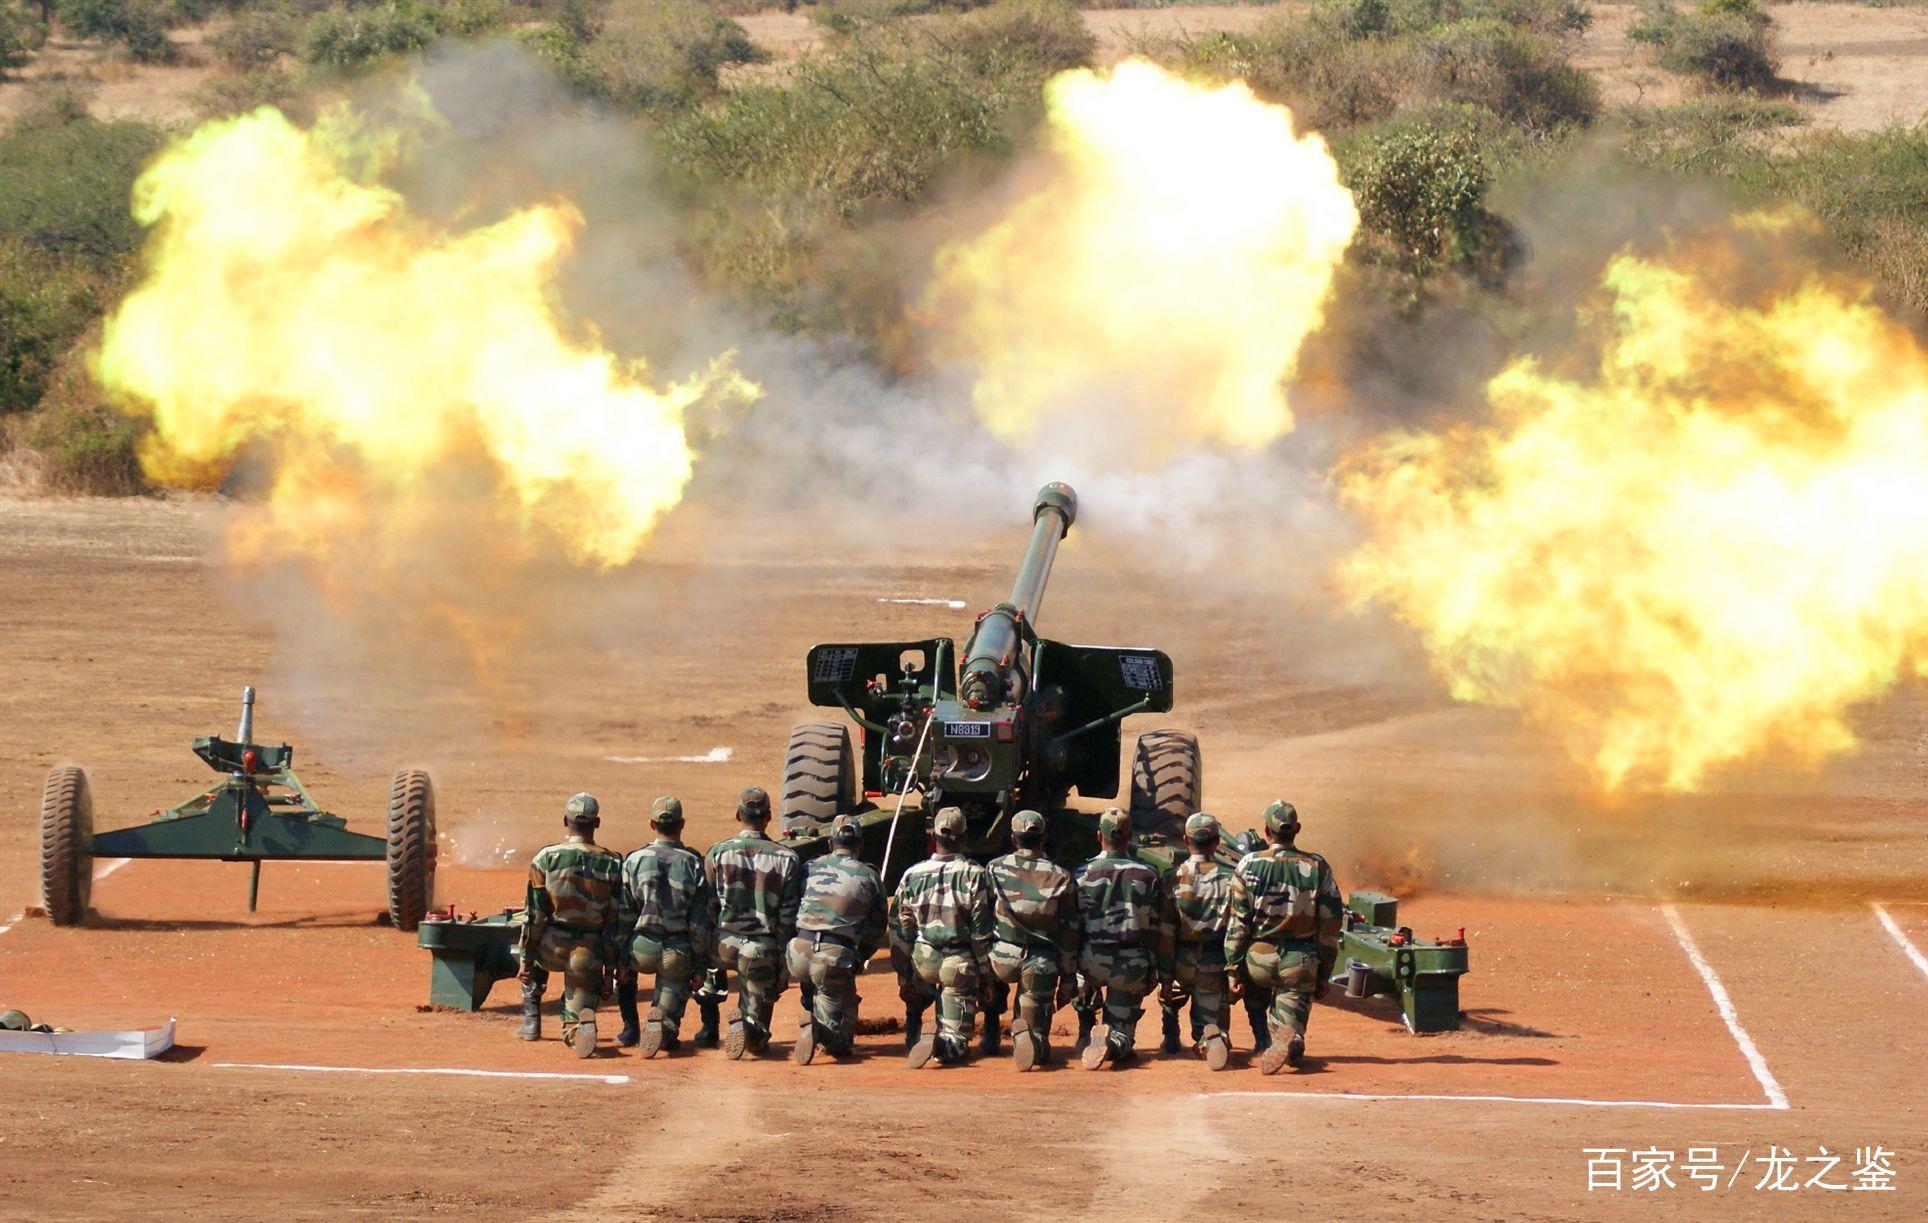 继美俄后,第三核大国也出手,向印度交付重器,巴方担心的事发生